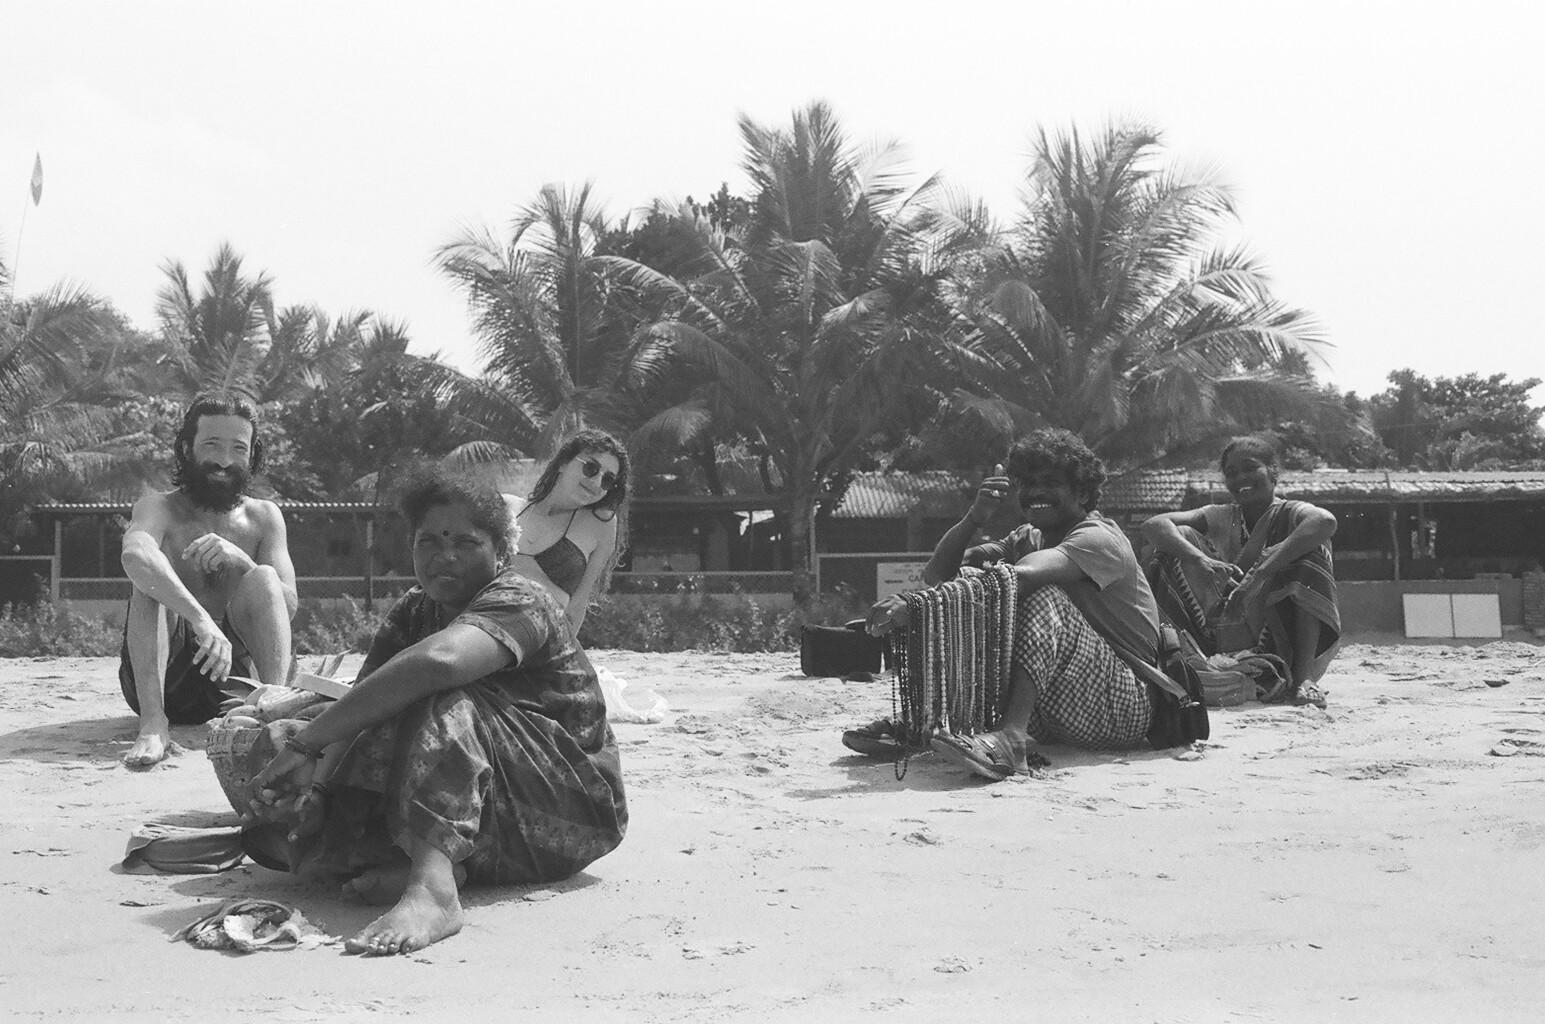 Ouzo Bazooka / India 2016